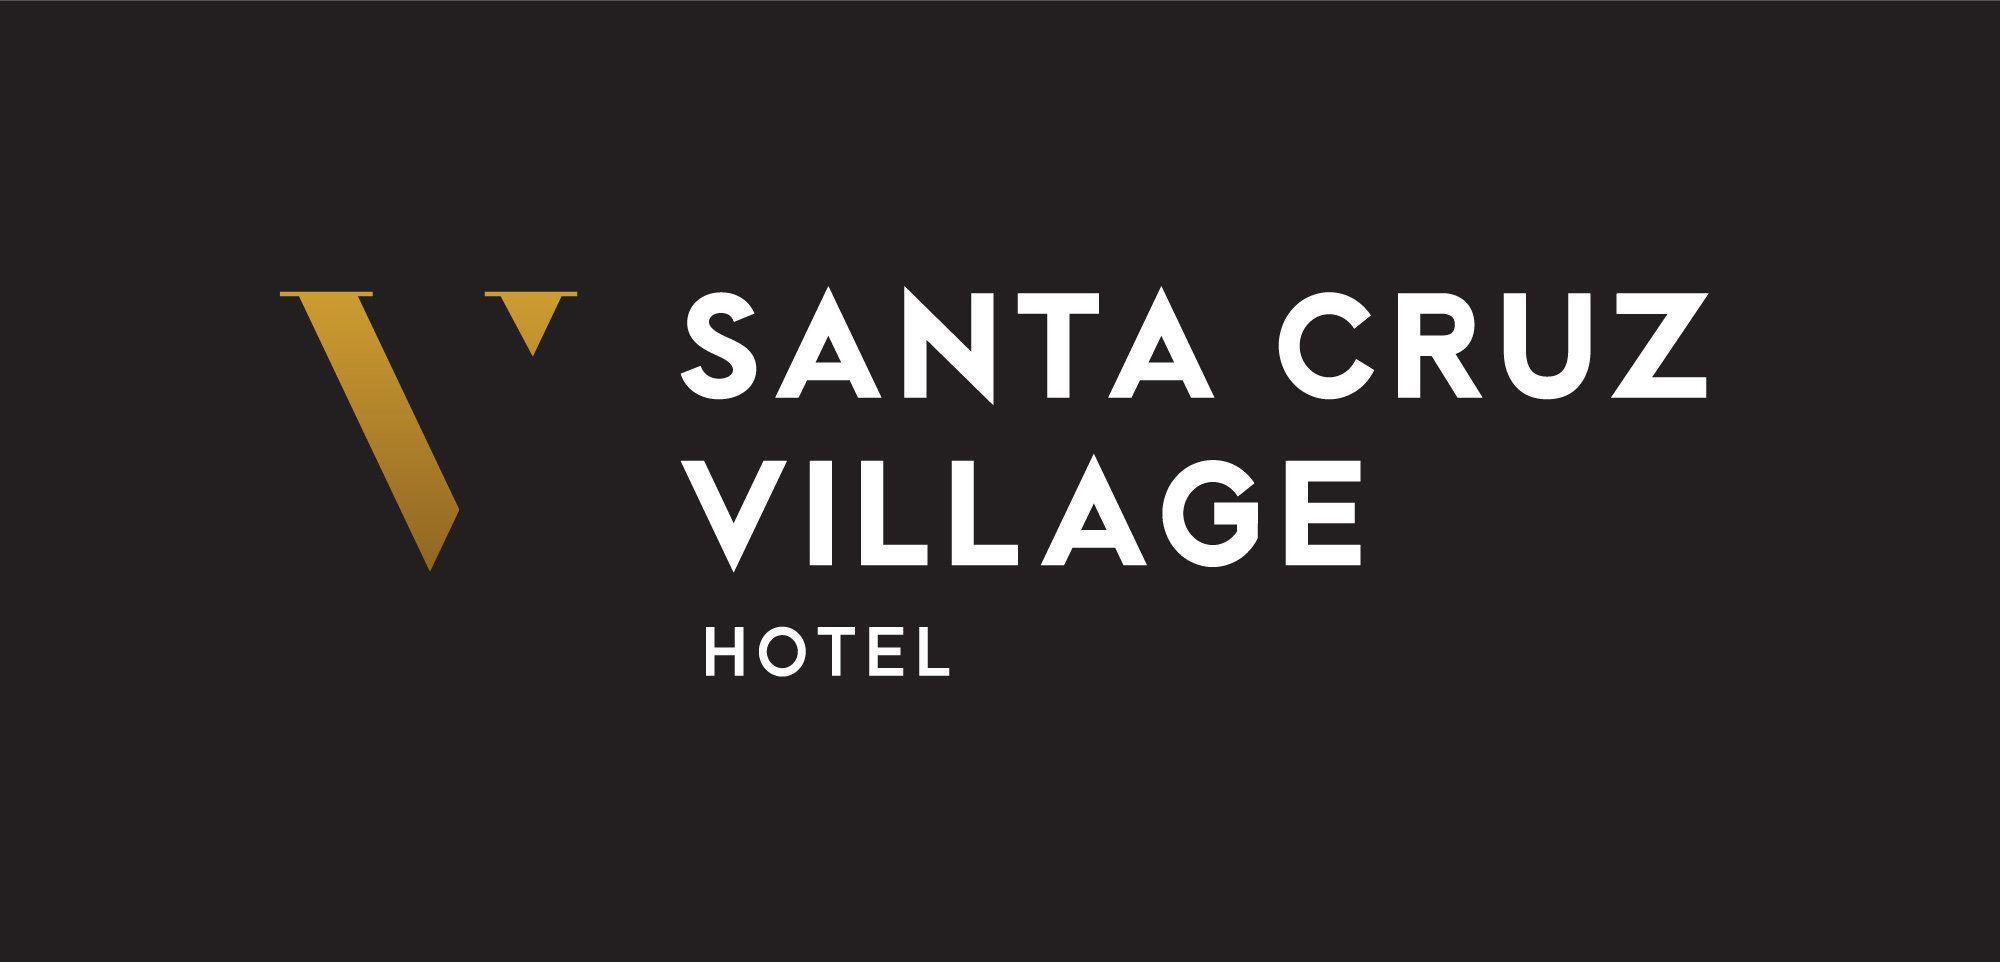 聖克魯斯鄉村酒店